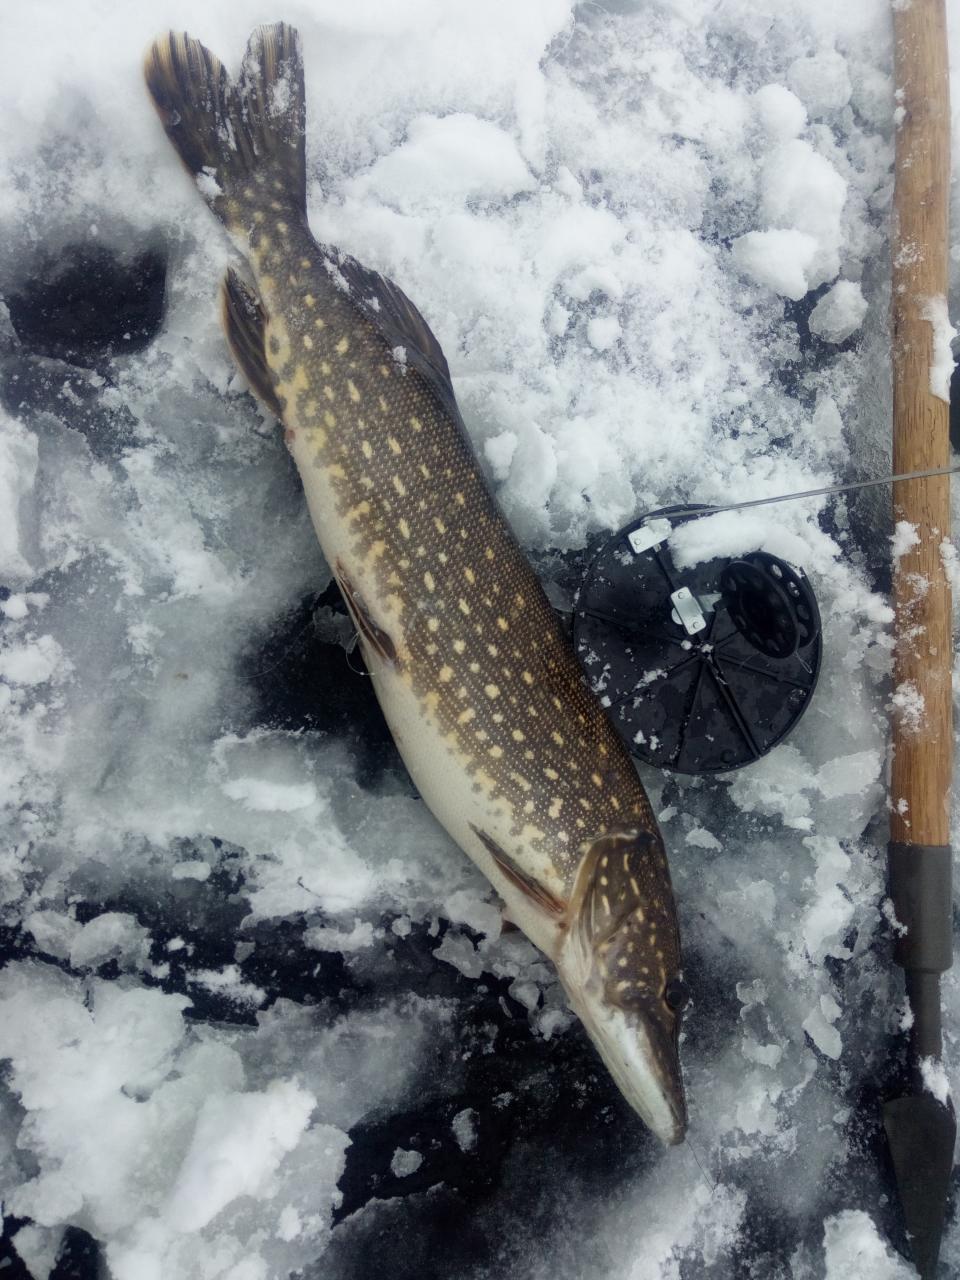 Отчет за вчерашний день,опять разливы и канал.Зарядил оставшегося ...   Отчеты о рыбалке в Беларуси